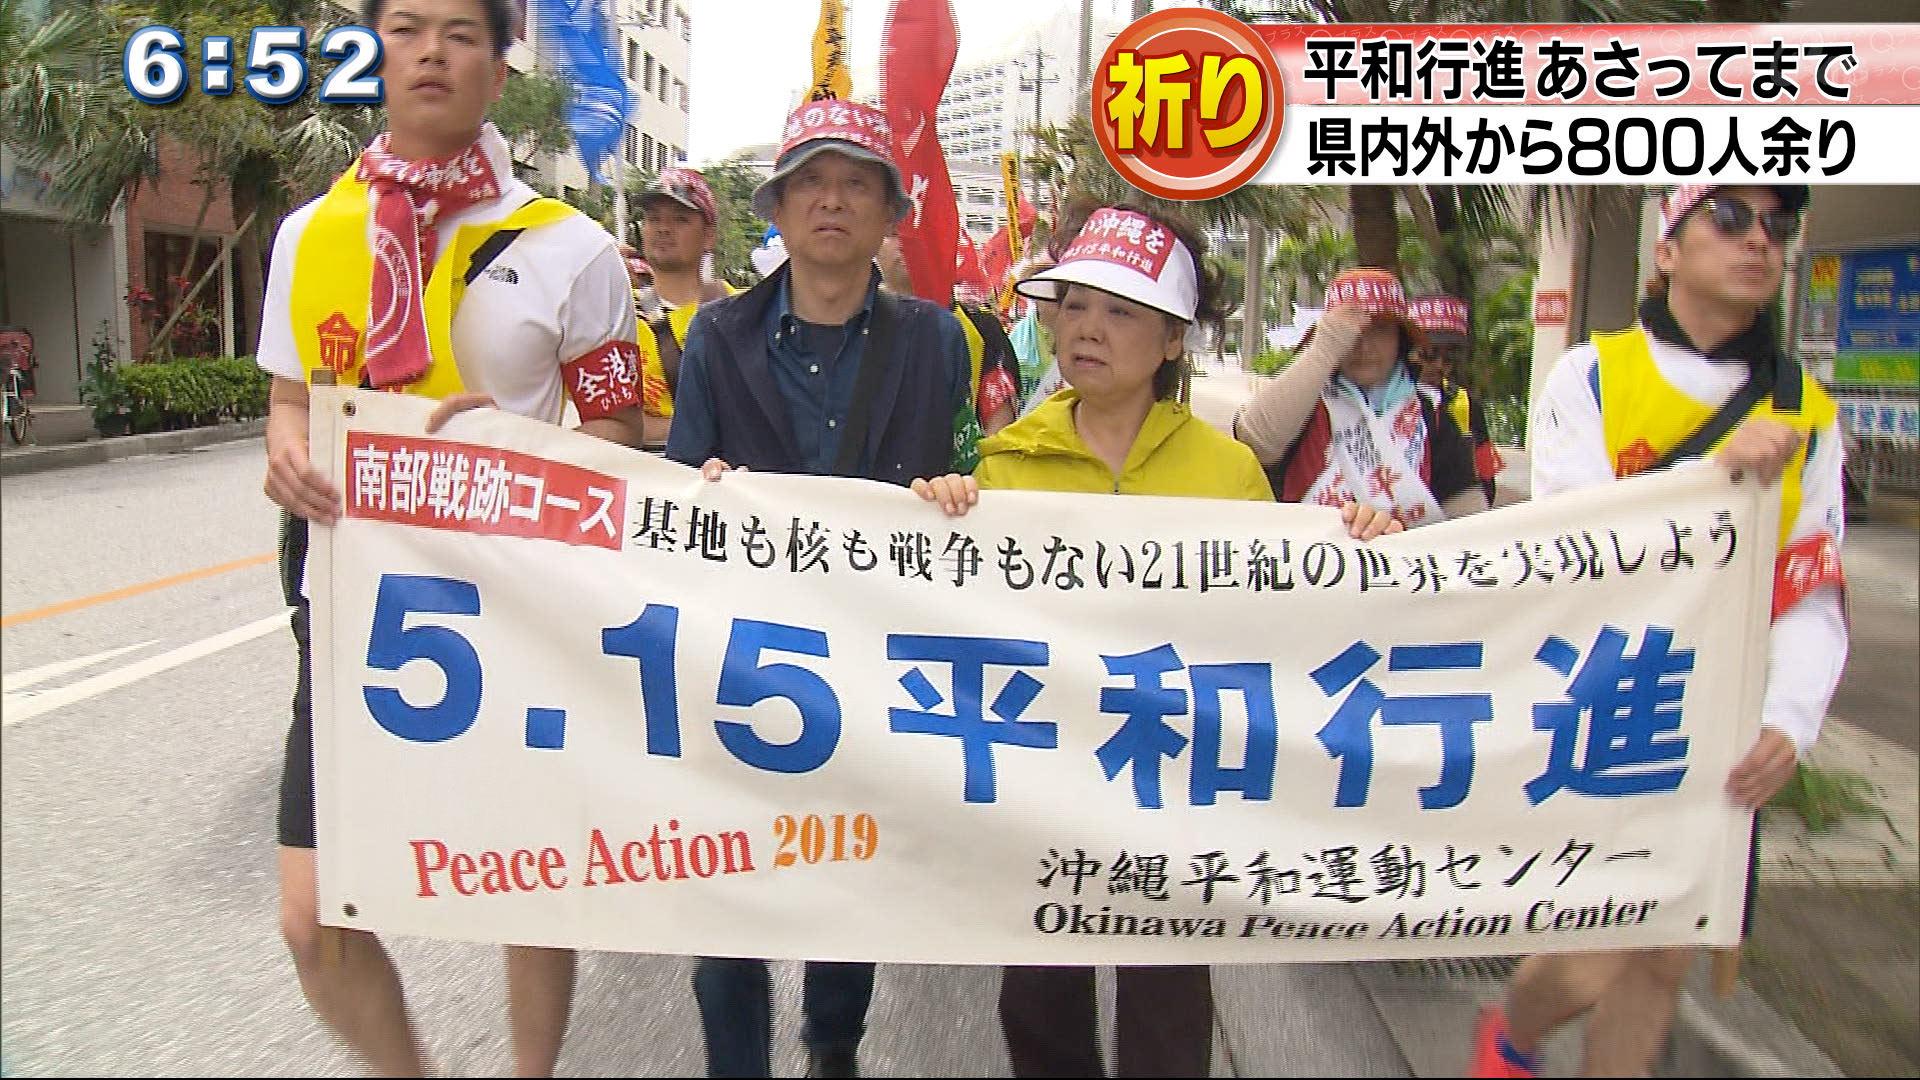 5・15平和行進 今年も800人余りが参加